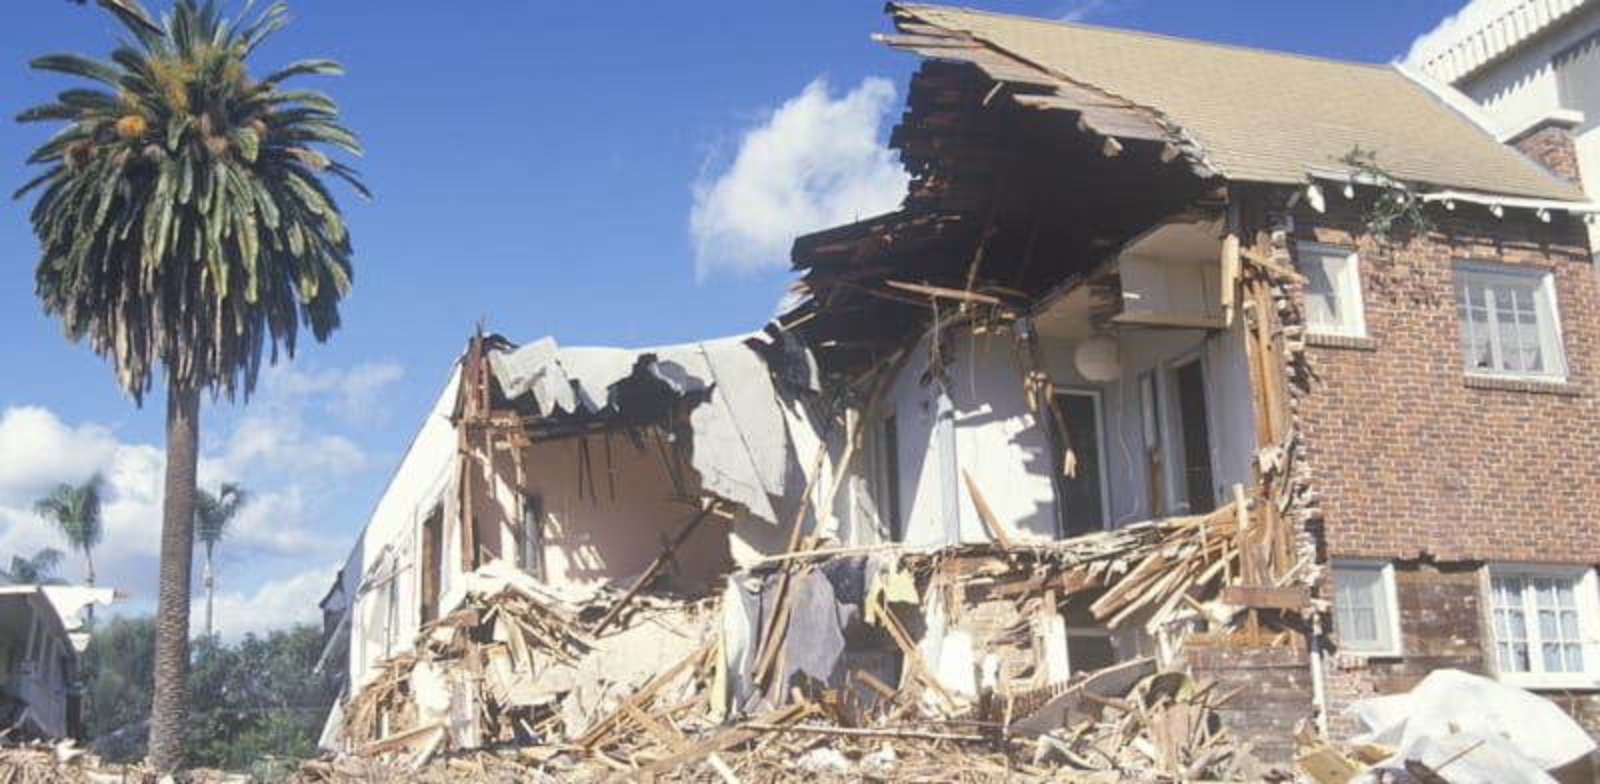 בית שקרס ברעידת אדמה בסנטה מוניקה / צילום: Shutterstock